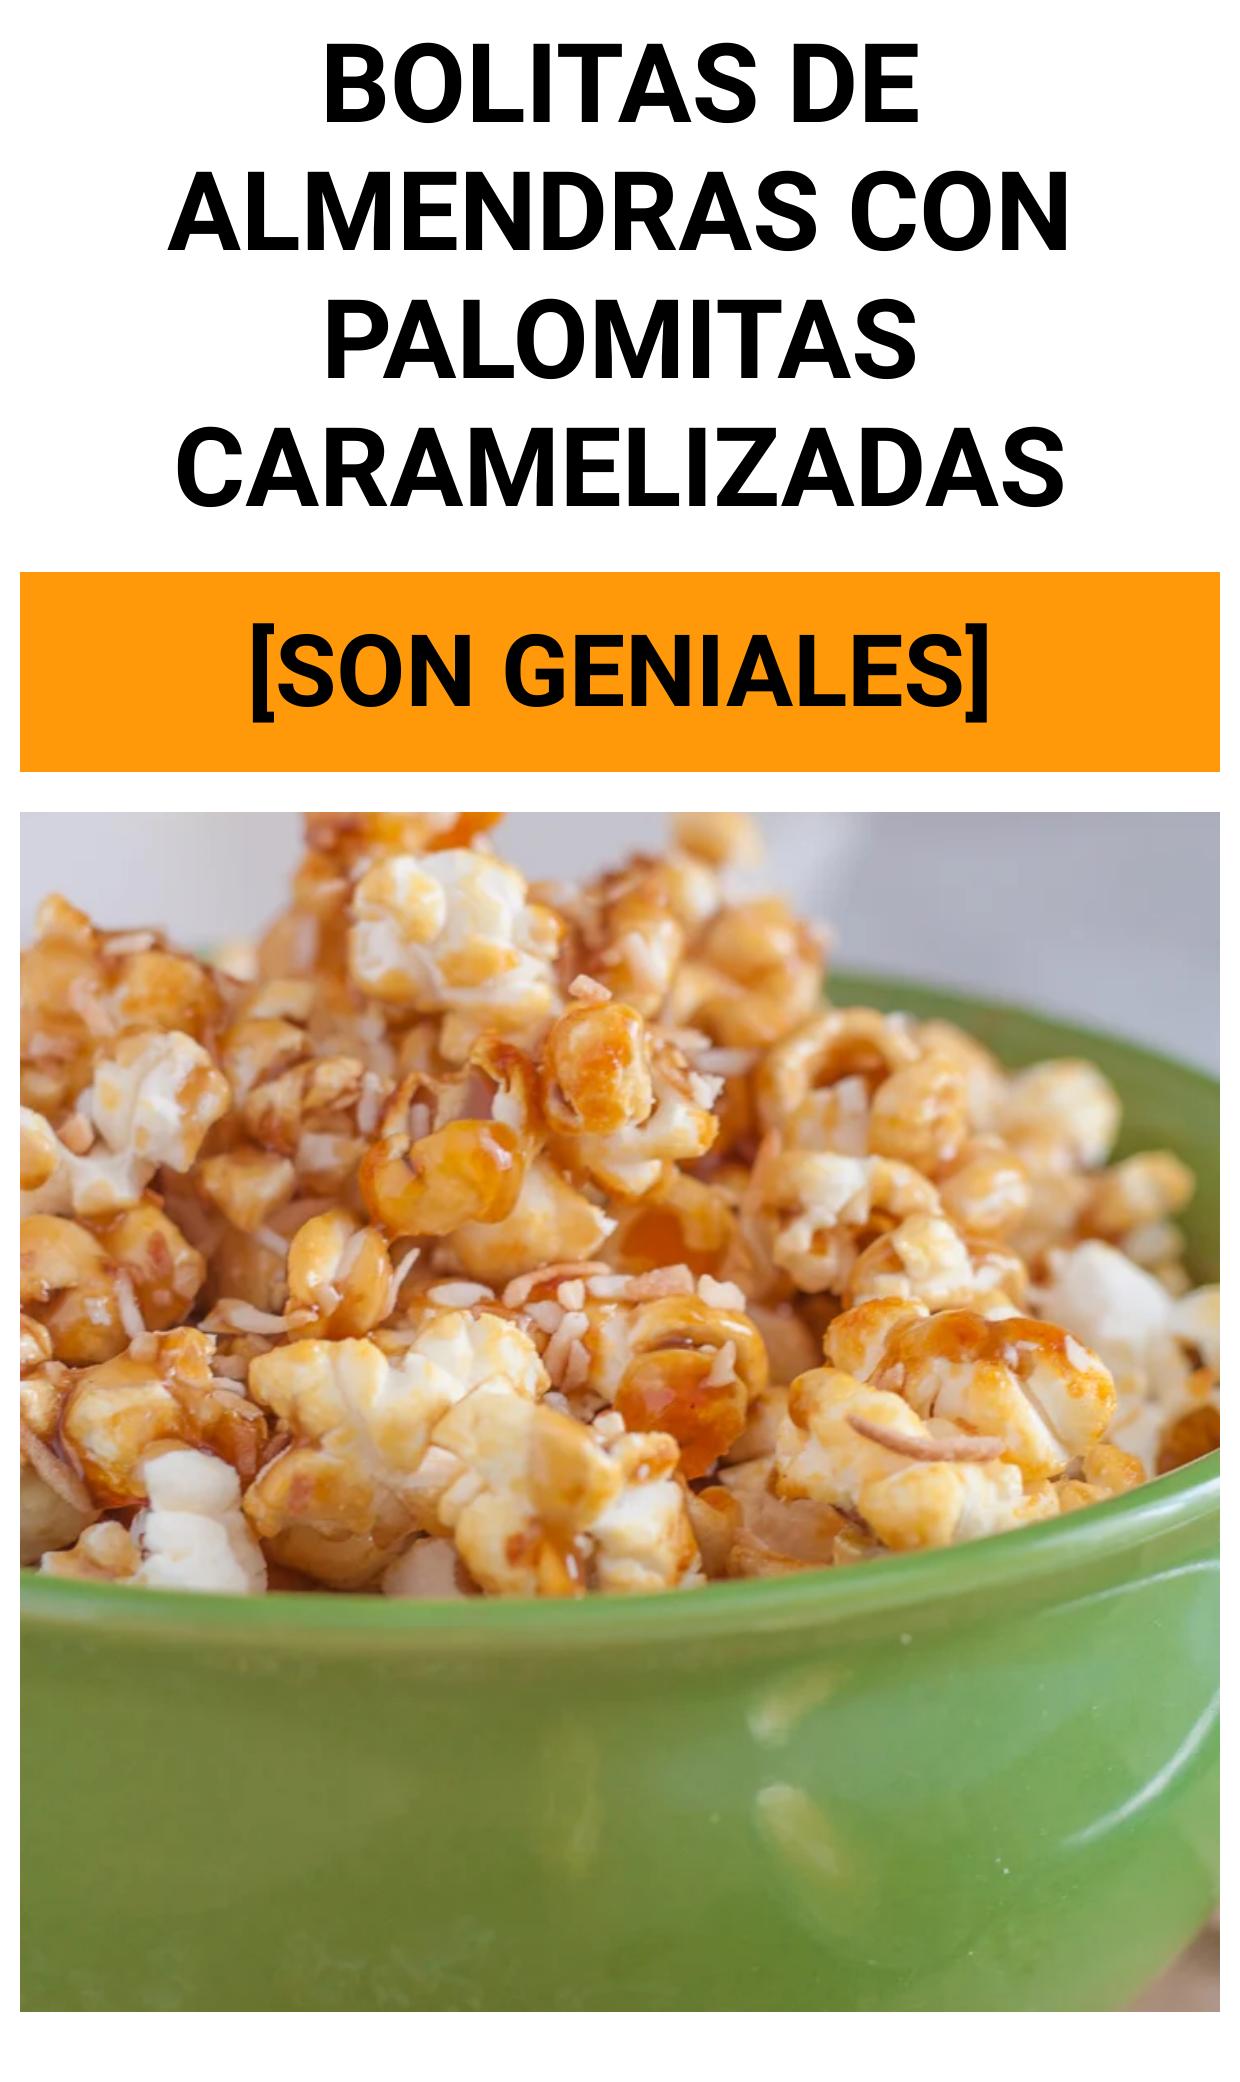 Bolitas de Almendras con Palomitas Caramelizadas